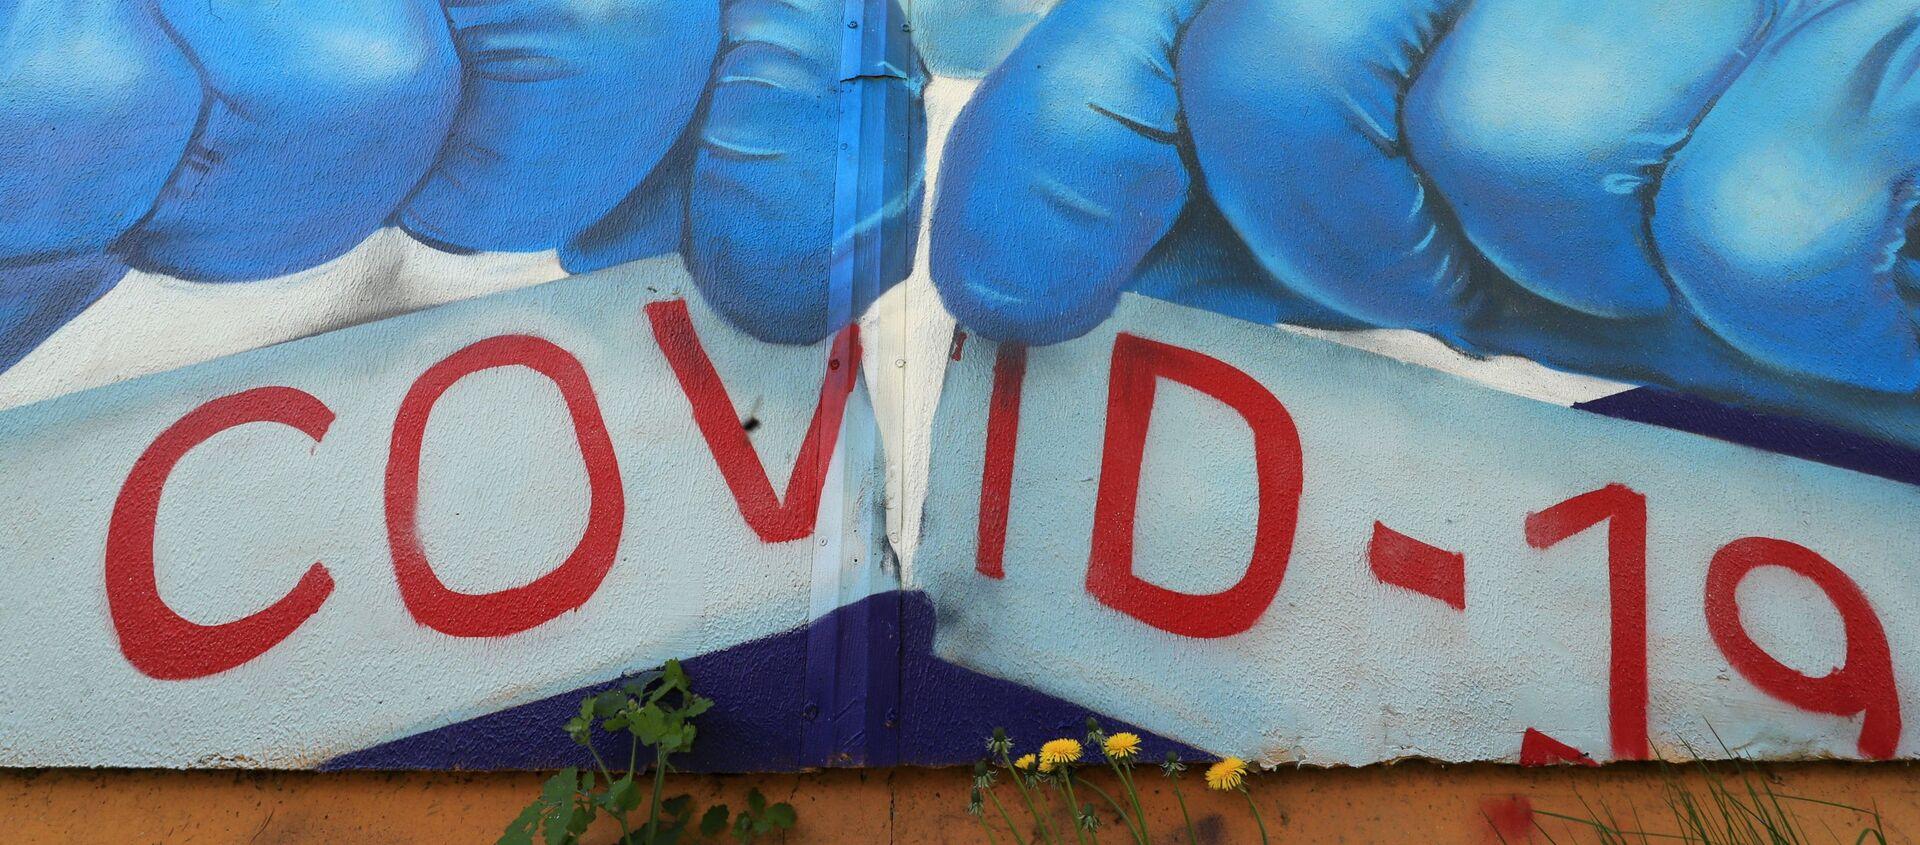 Граффити в поддержку медиков в борьбе с COVID-19 в Красногорске, фото из архива - Sputnik Азербайджан, 1920, 19.02.2021